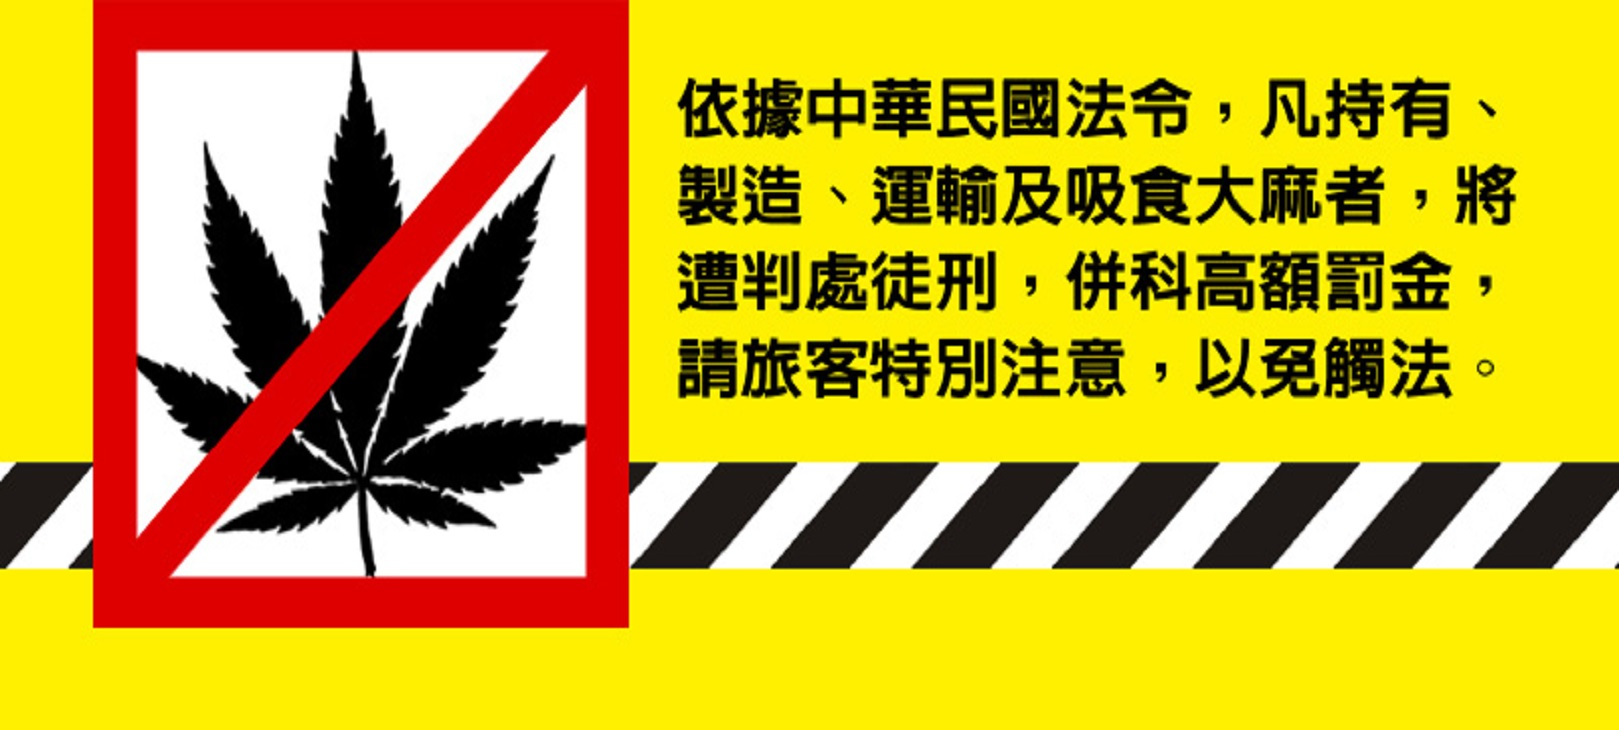 依據中華民國法令,凡持有、製造、運輸及吸食大麻者,將遭判處徒刑,併科高額罰金,請旅客特別注意,以免觸法